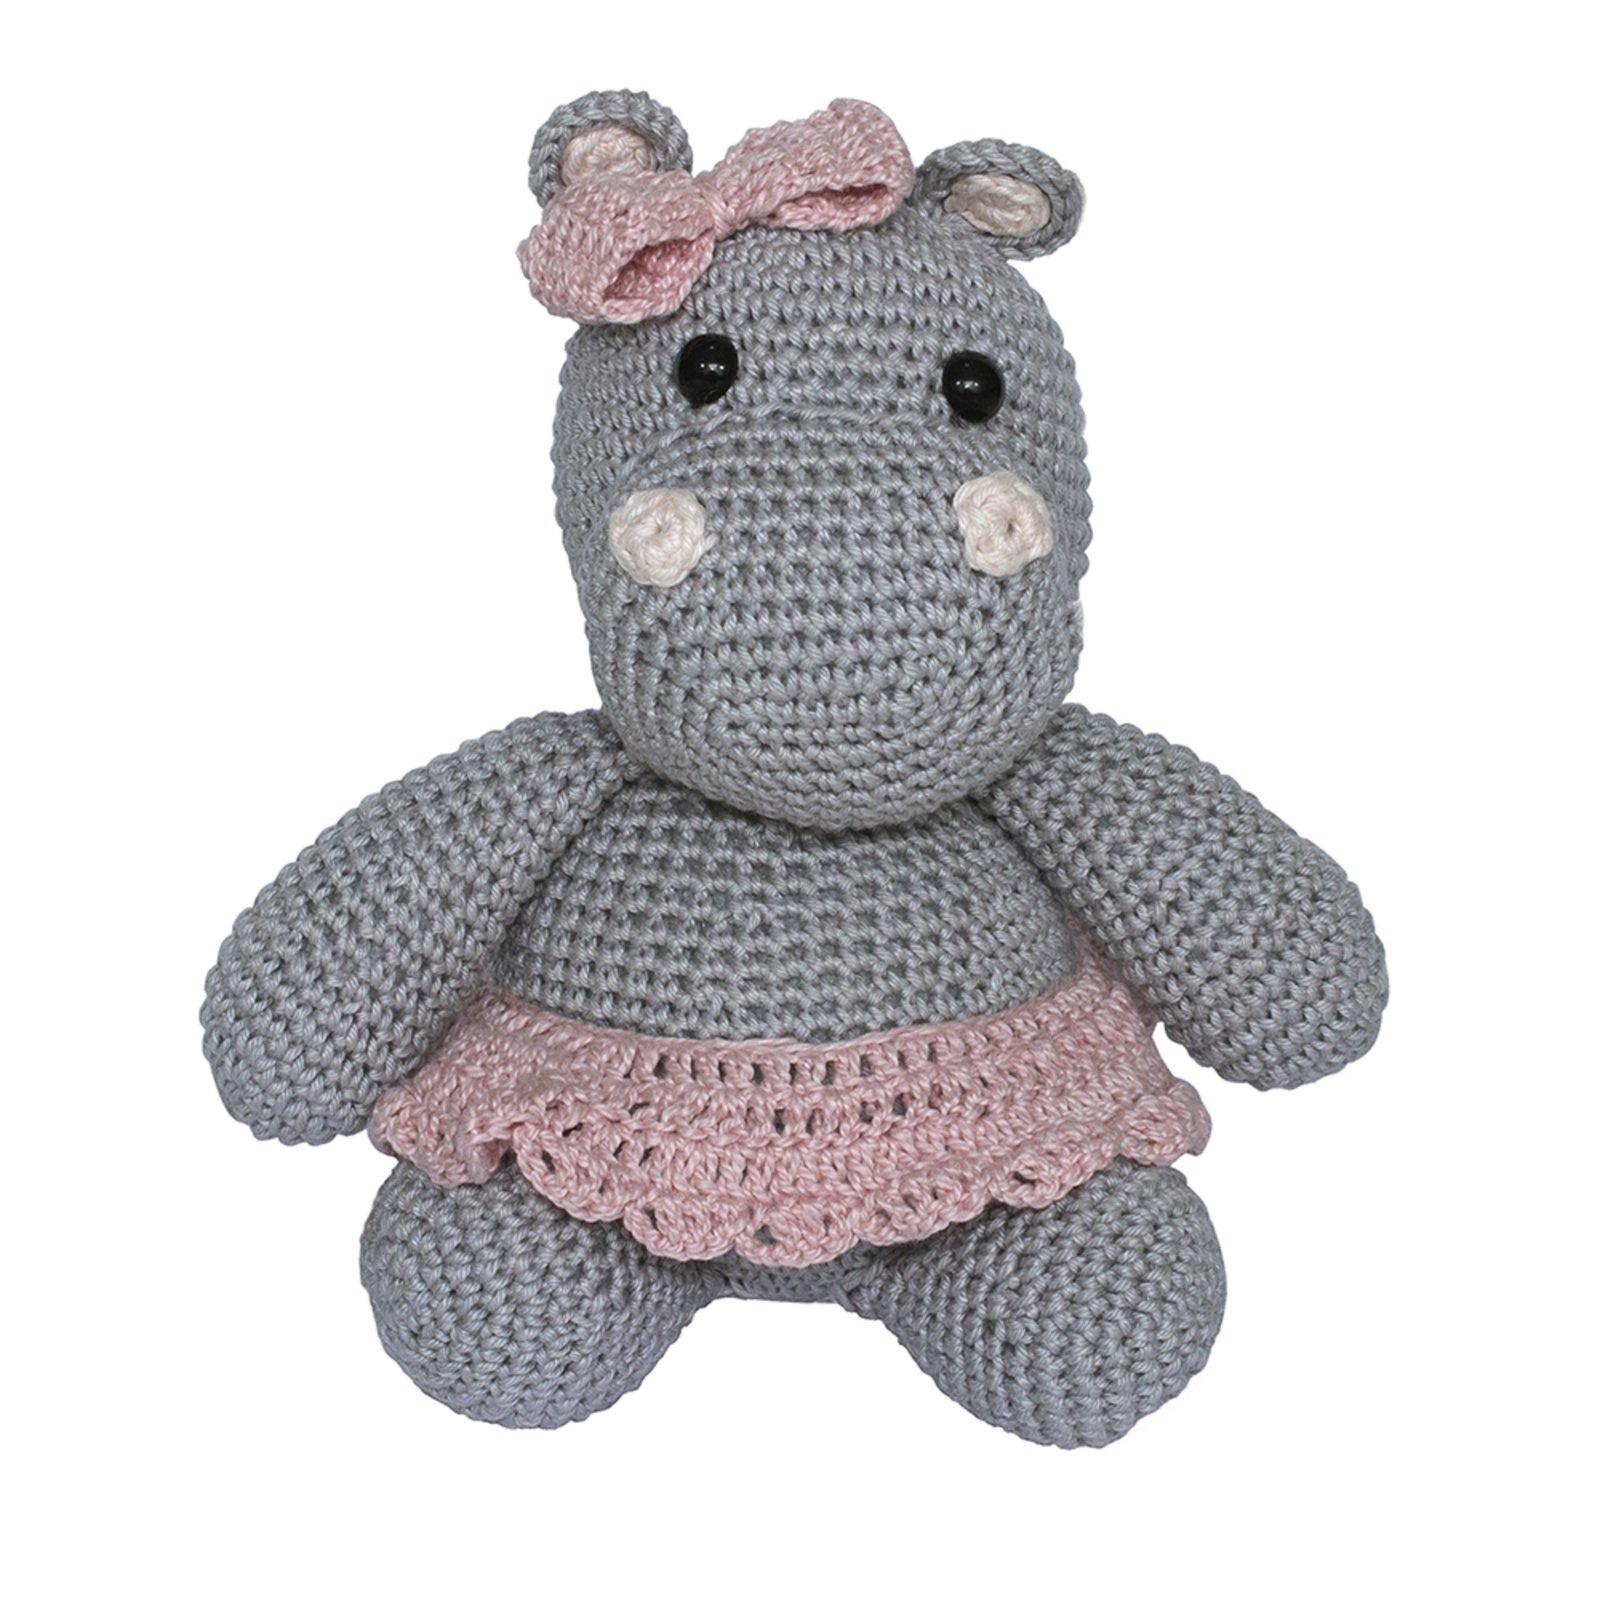 Vanessa Lovatel - Artes Feito à Mão: Urso Amigurumi de Crochê com ... | 1600x1600